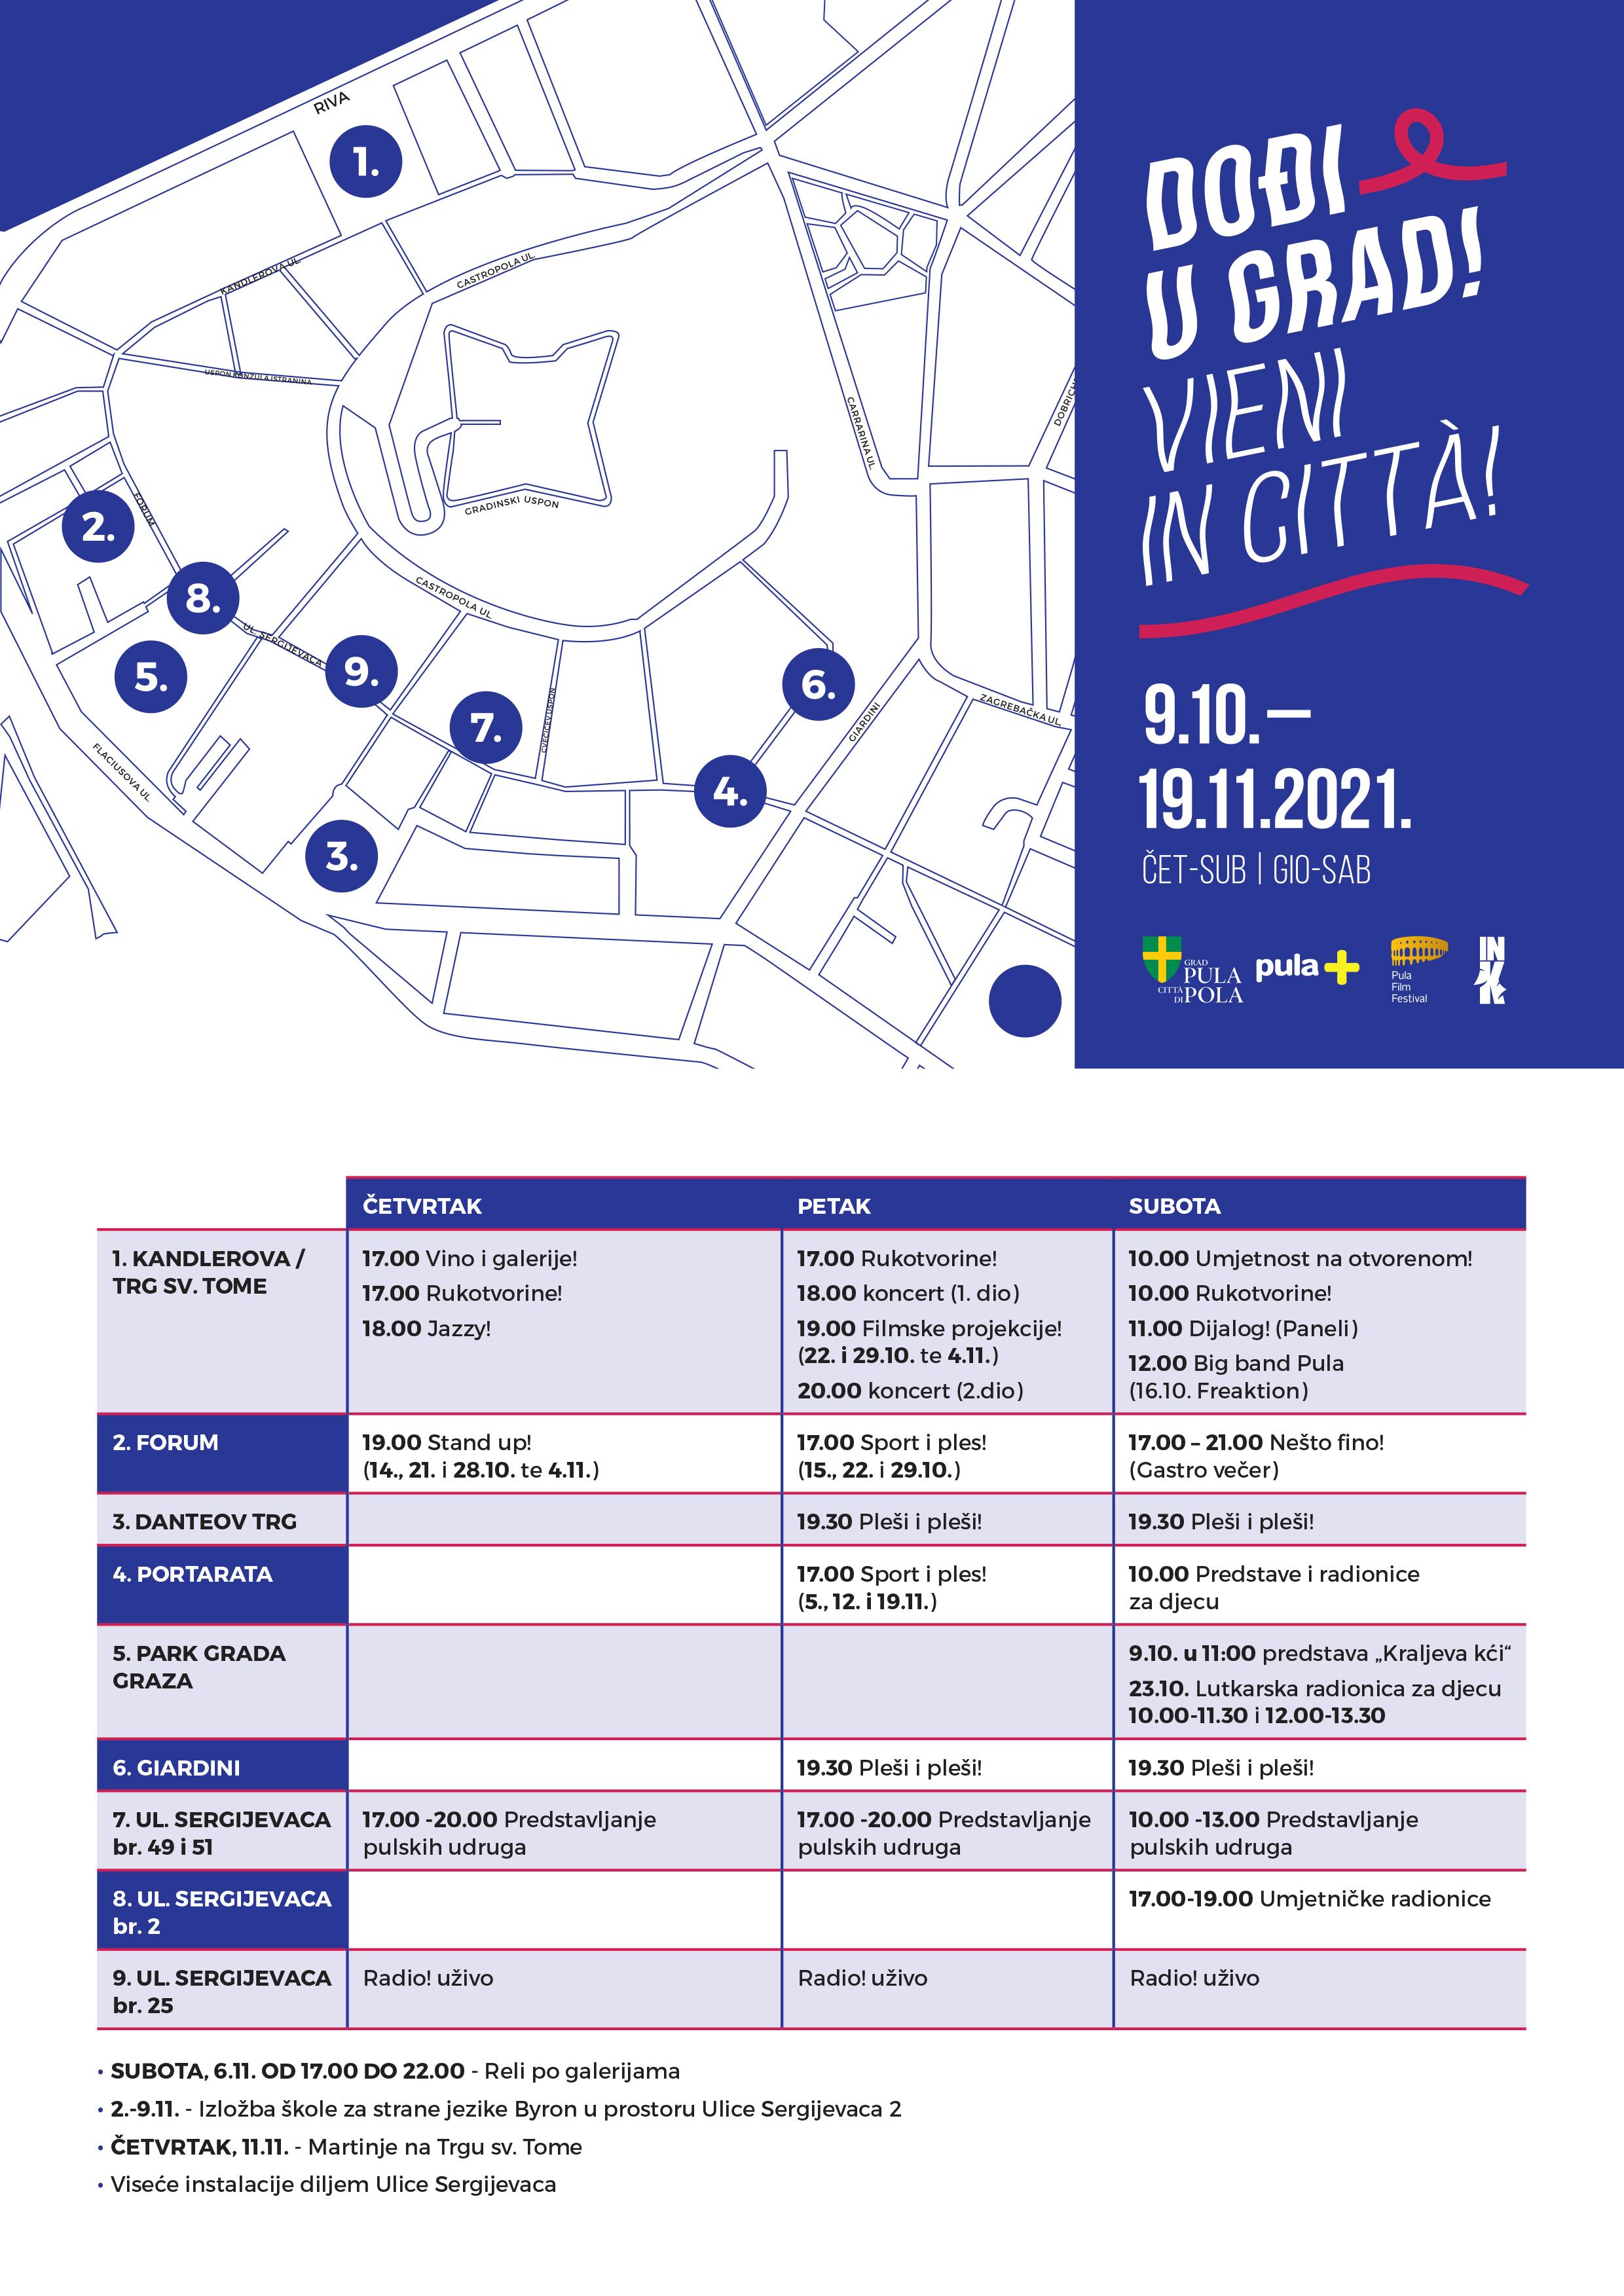 Mapa događaja Dođi u grad